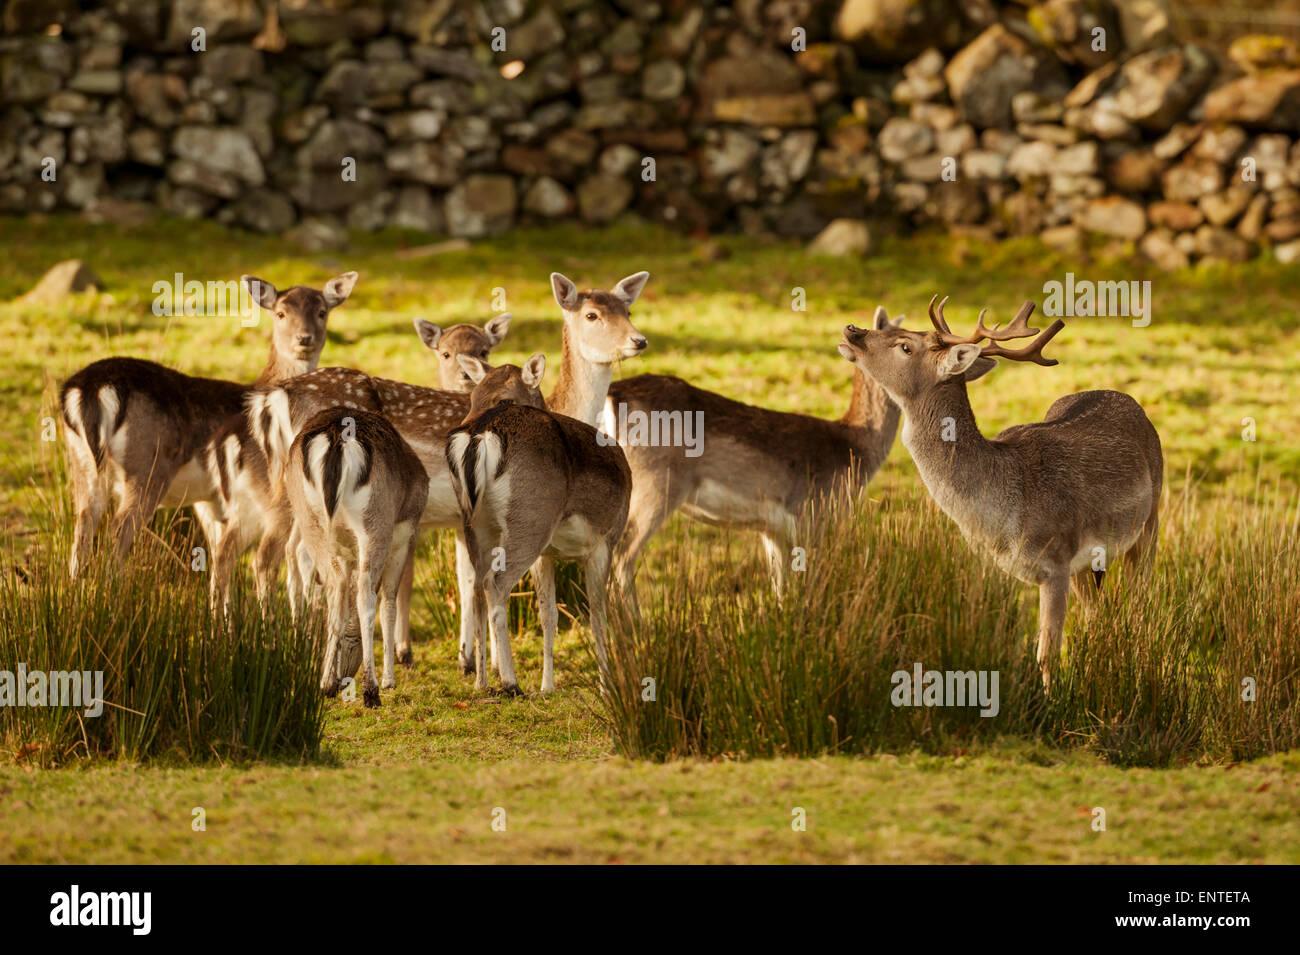 Fallow Deer (Dama Dama), Dumfries and Galloway, Scotland, UK - Stock Image